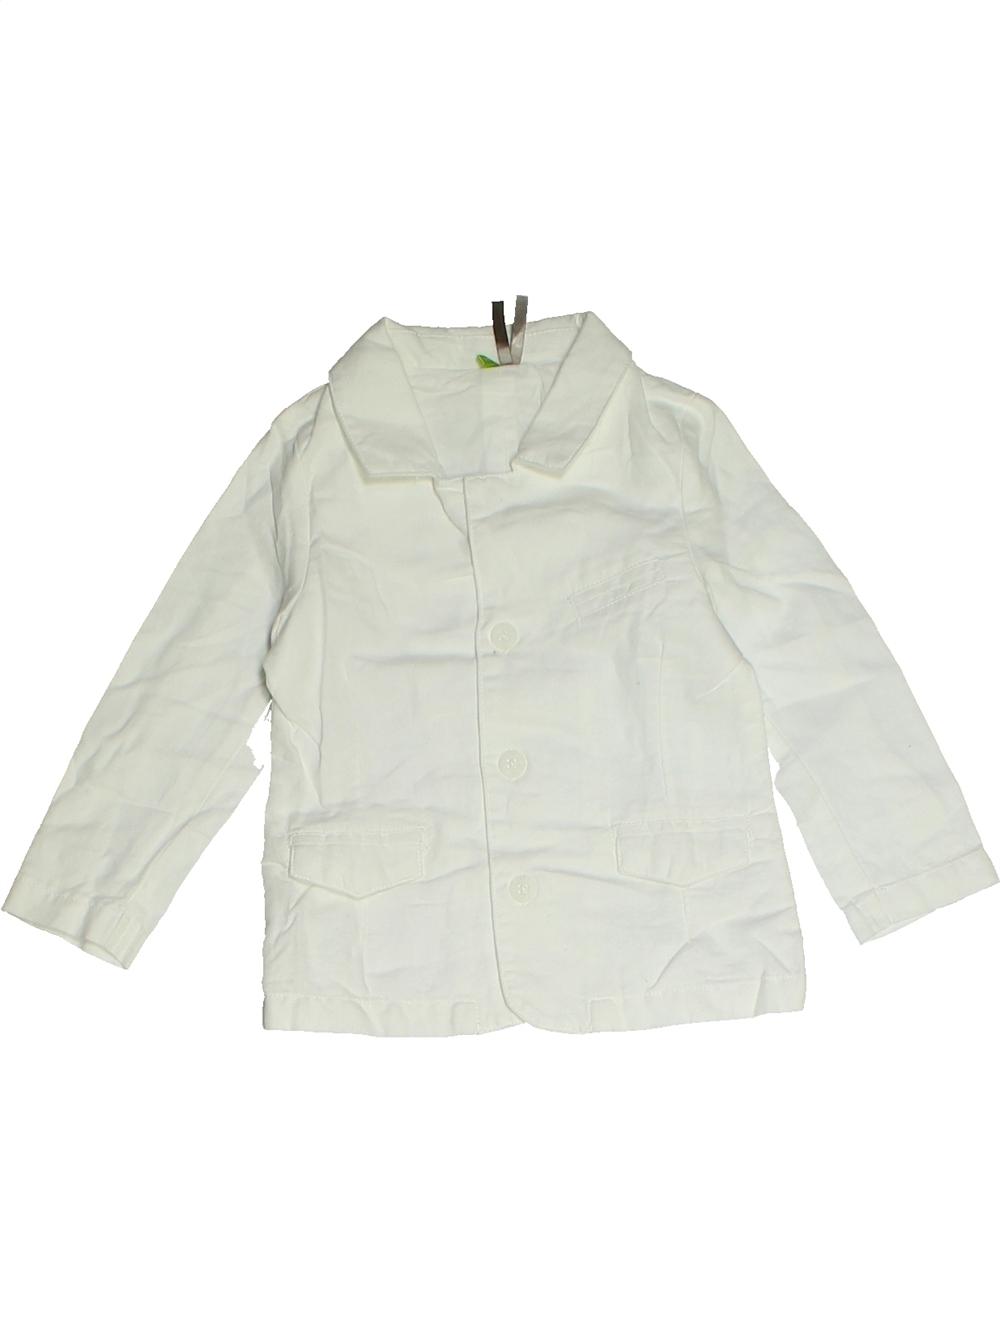 Veste-bebe-garcon-ORCHESTRA-18-mois-blanc-hiver-vetement-bebe-1098494